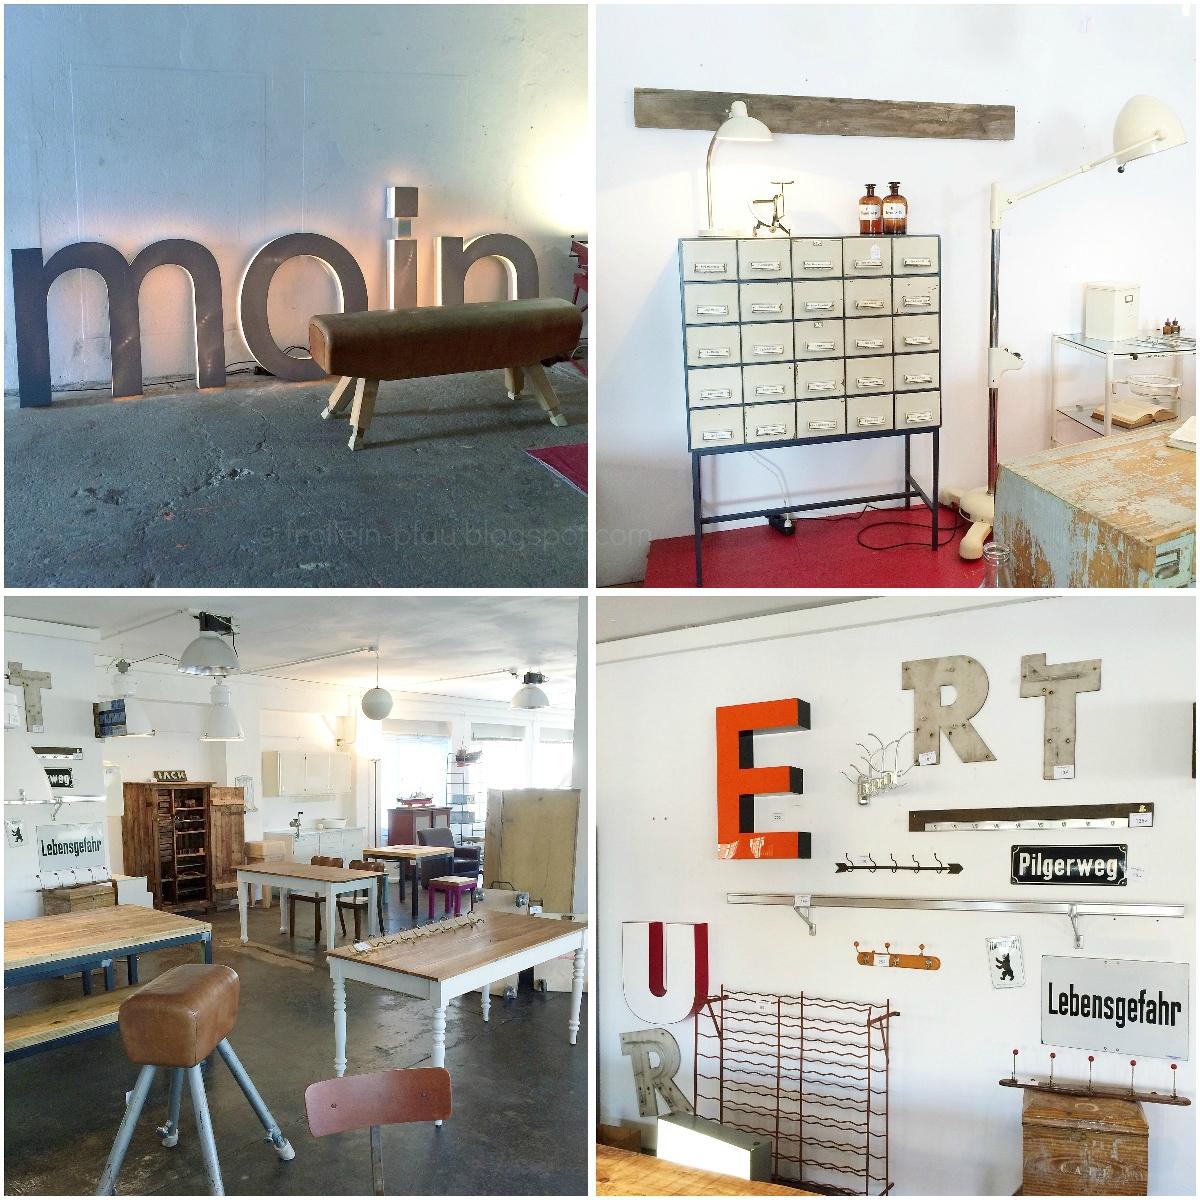 Mmi, Mittwochs mag ich, Vintage, Retro, Möbel, Köln, Geliebte Möbel, Retrosalon, Exquisit Möbel Köln, Interior Design, Designermöbel, gebrauchte Möbel, skandinavische Einrichtung, Schweden